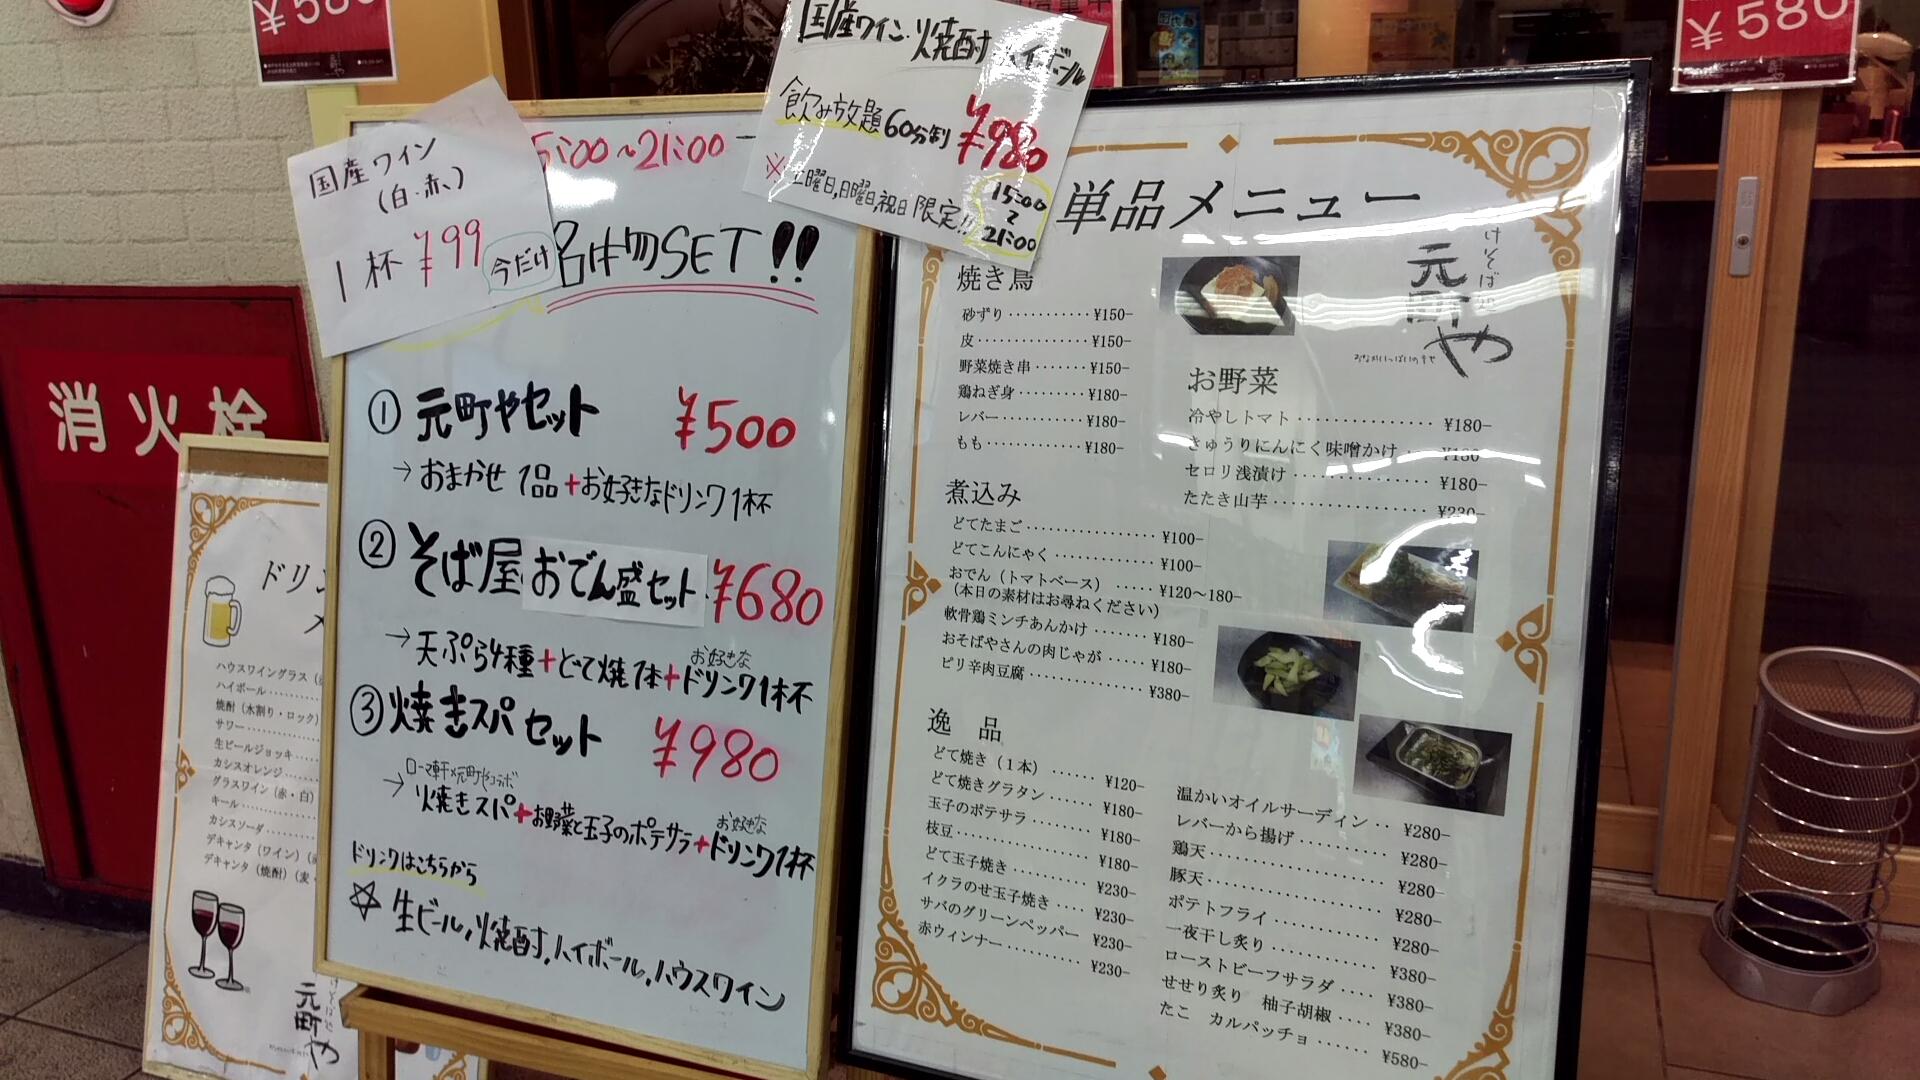 国産ワインが今だけ99円!?!?